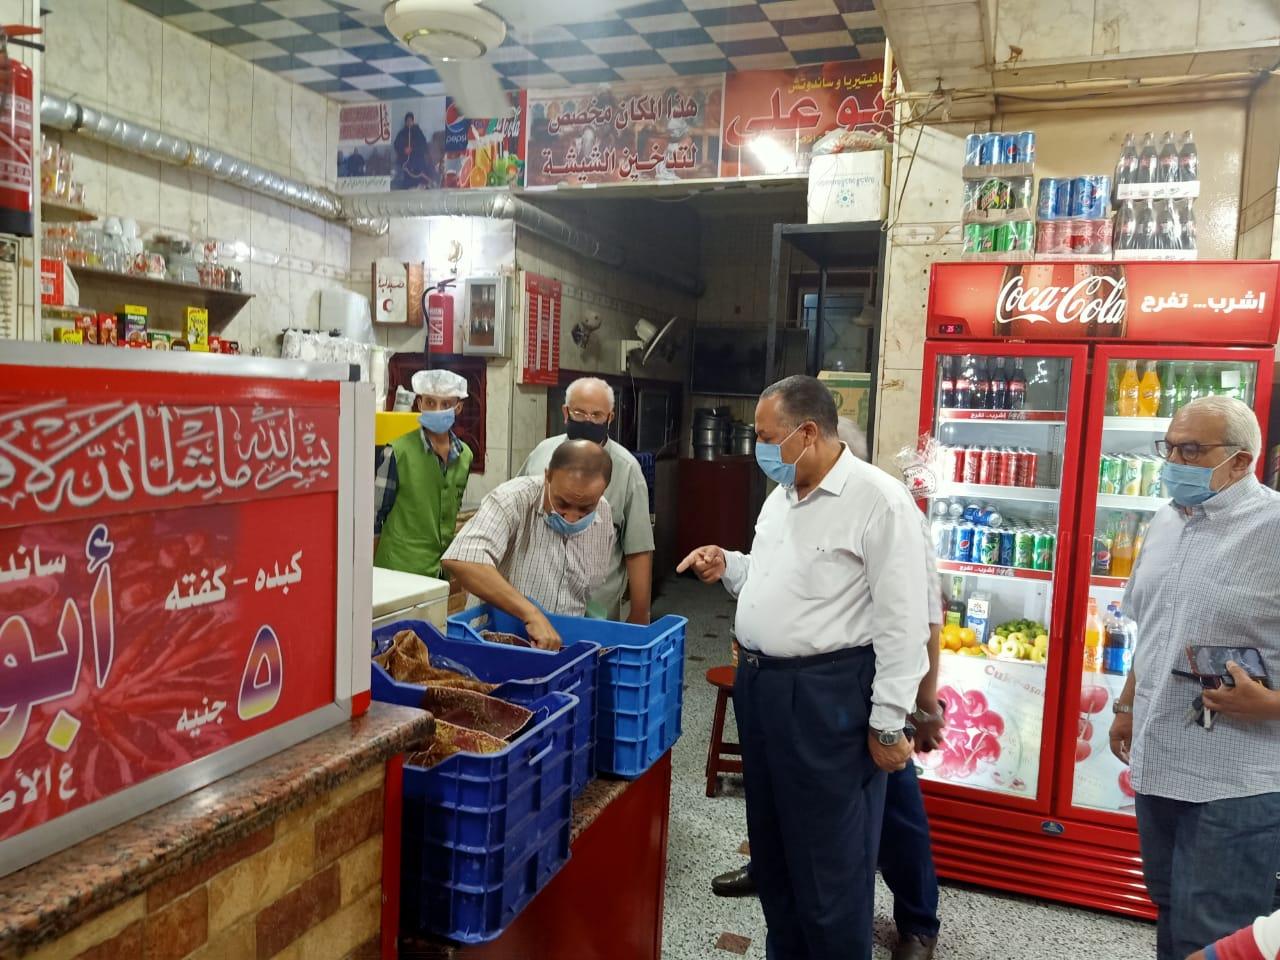 جولة على المطاعم والمقاهى بحى شرق (5)